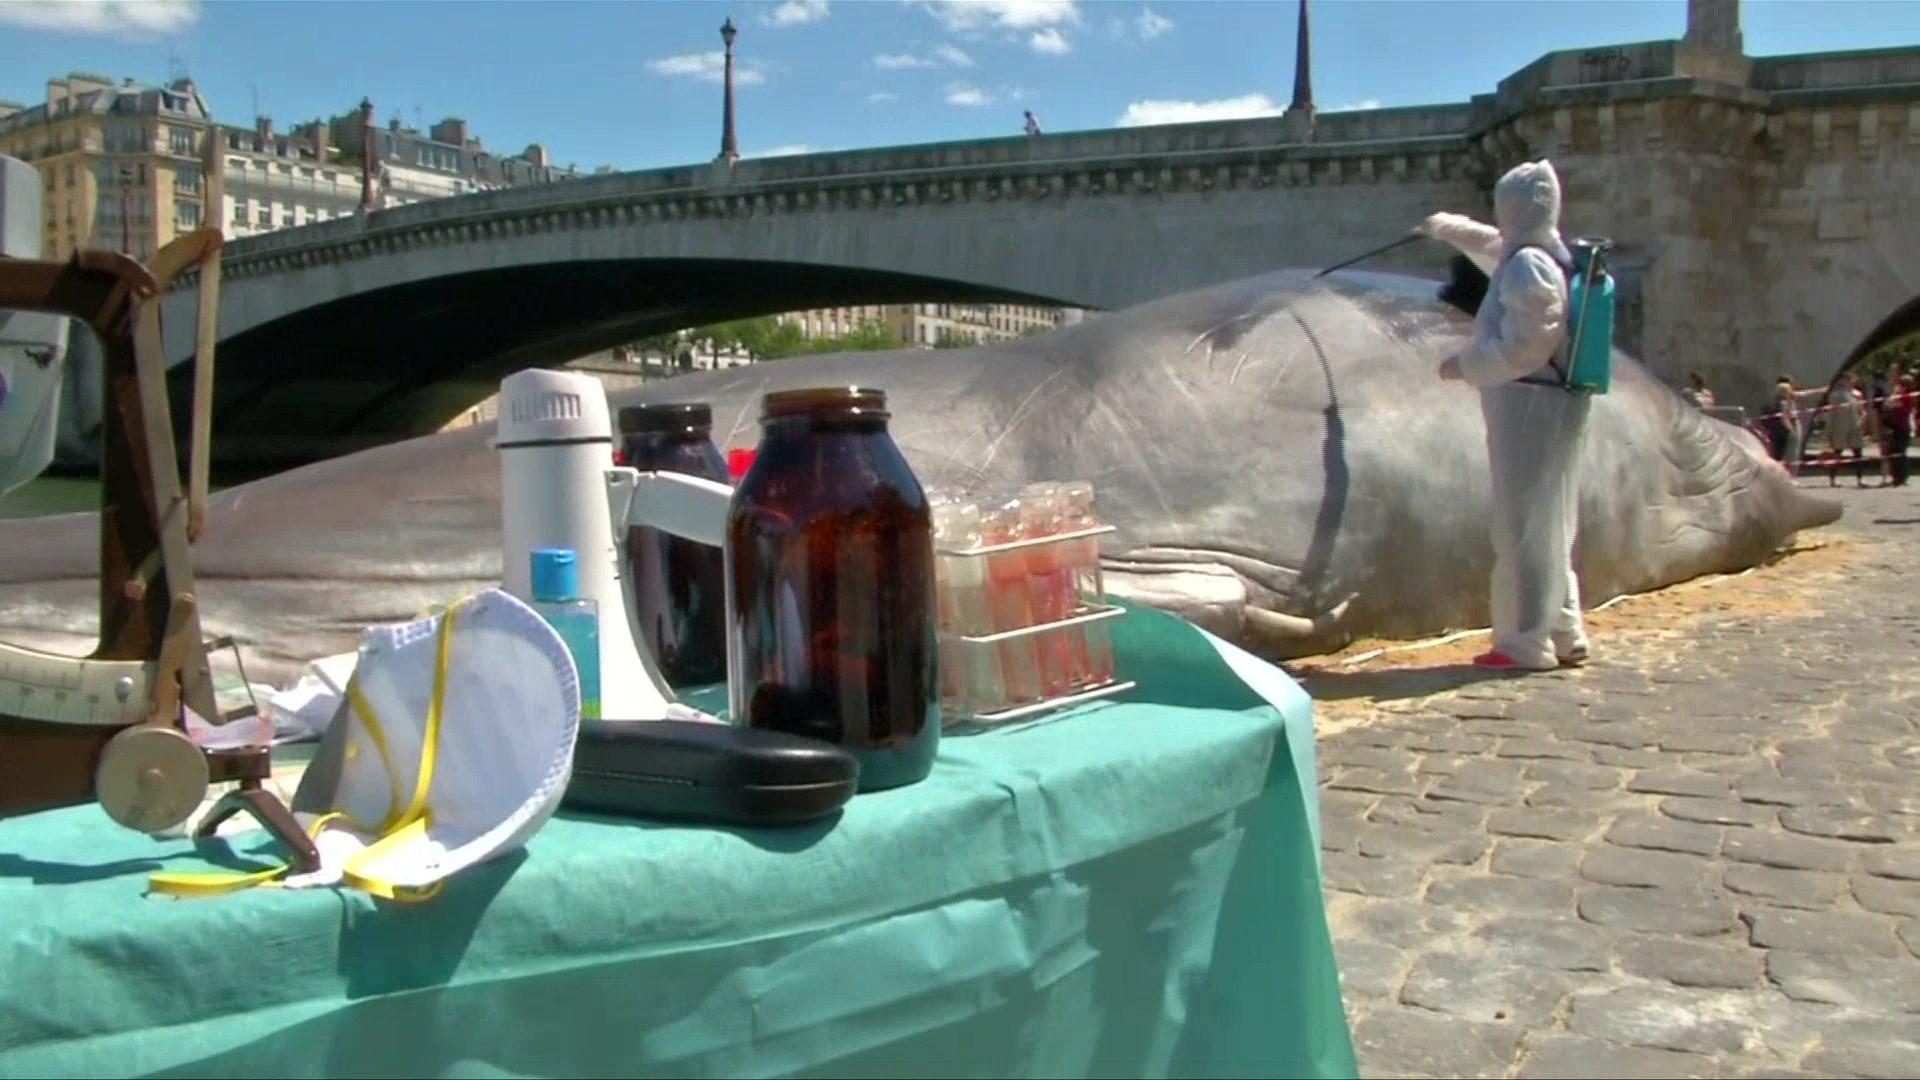 Некоторые из прохожих, встретивших кашалота, сообщили , что статуя даже пахла как выбросившийся кит: